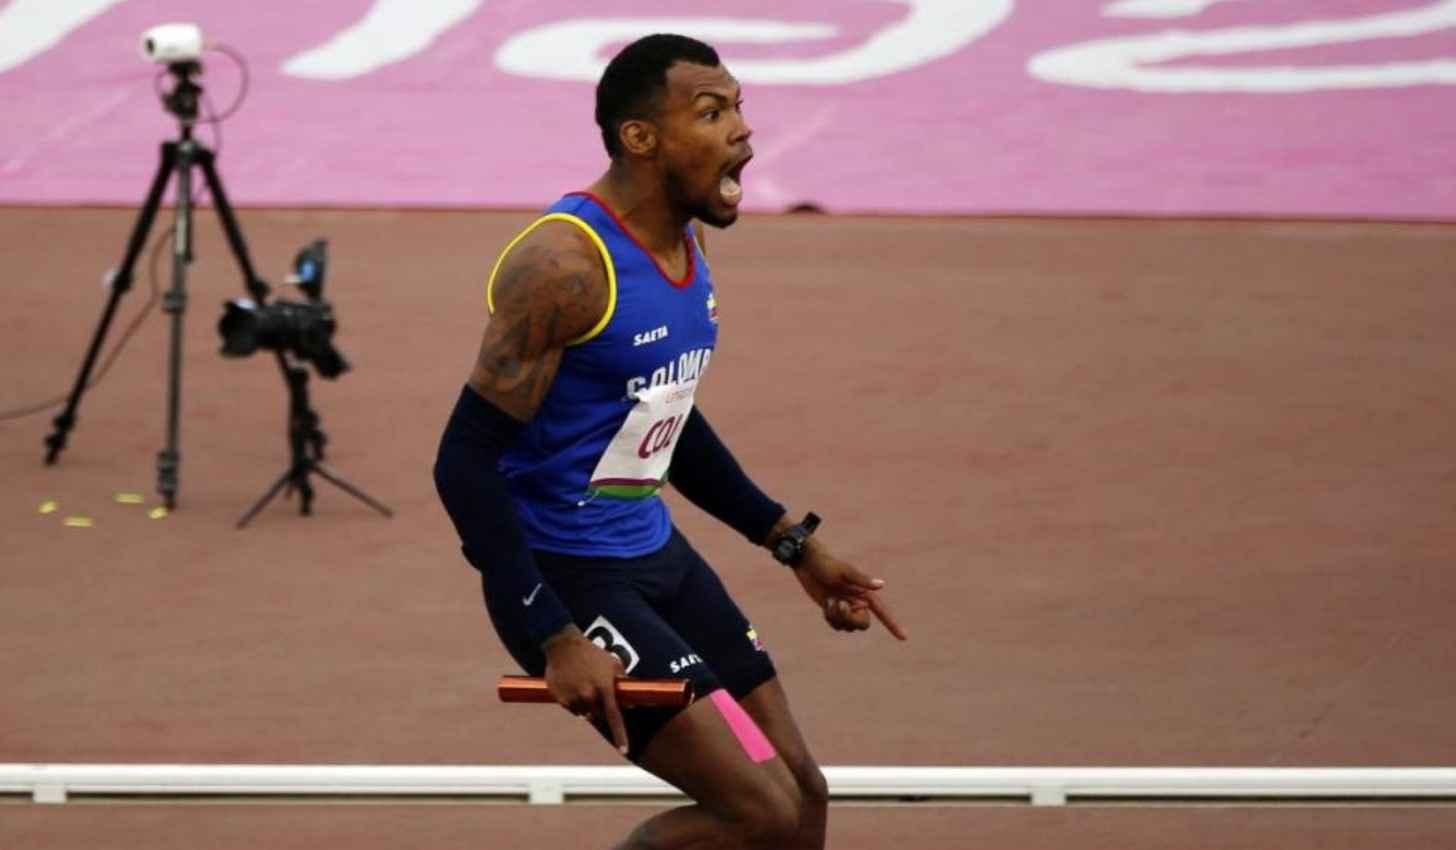 ¿Anthony Zambrano puede ganar alguna medalla en Tokio 2020?